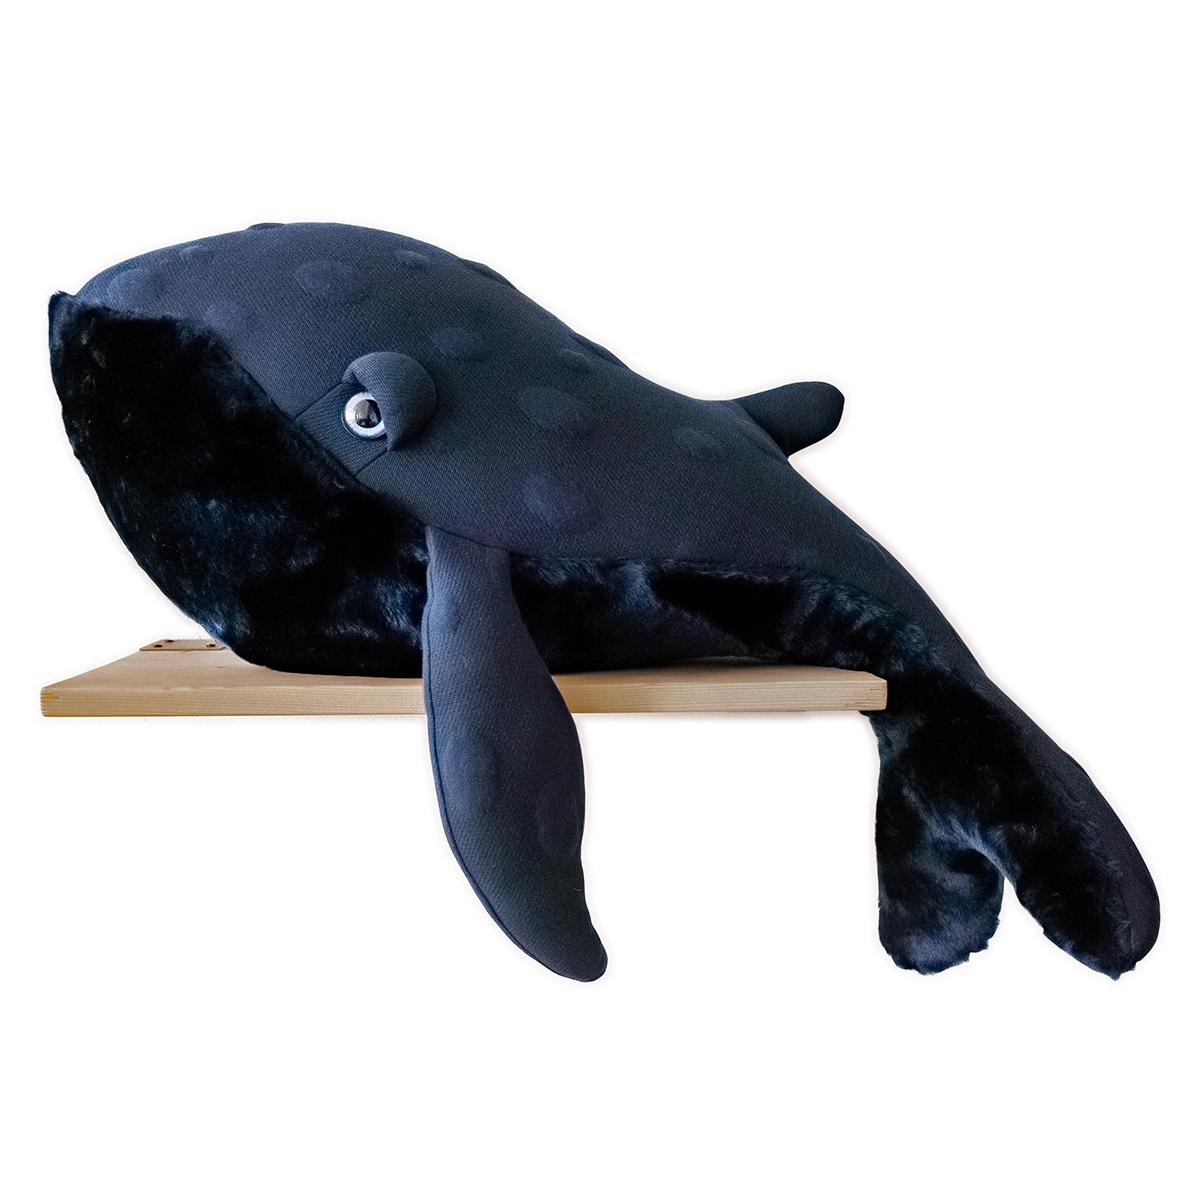 Peluche Grande Baleine Bleu Nuit Peluche Baleine 83 cm